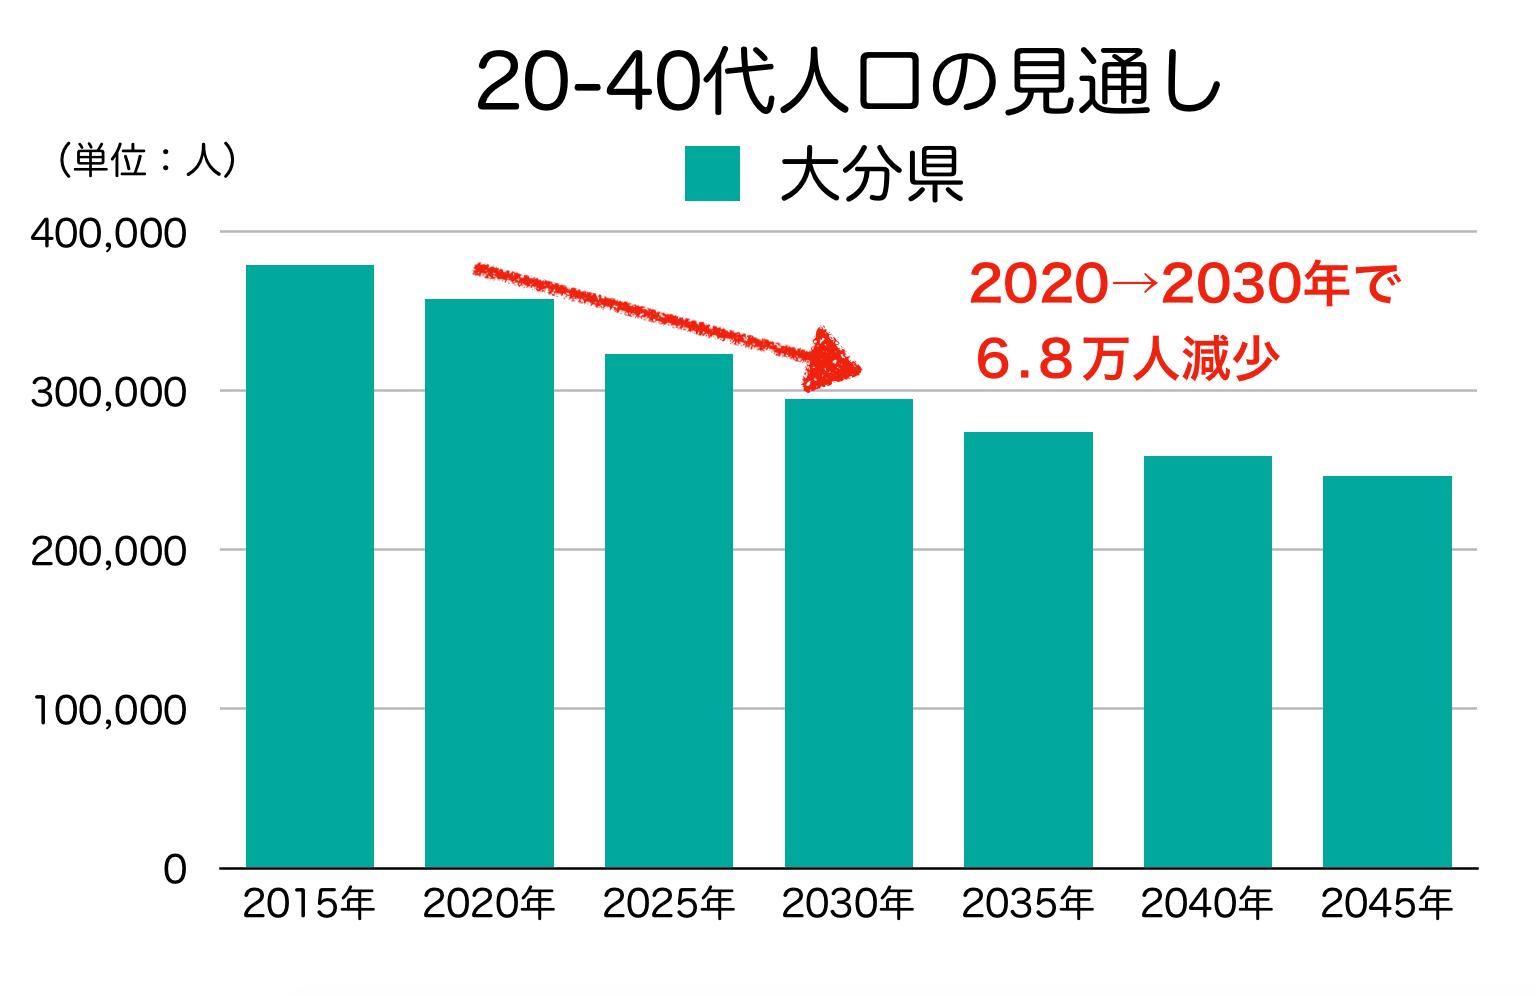 大分県の20-40代人口の見通し